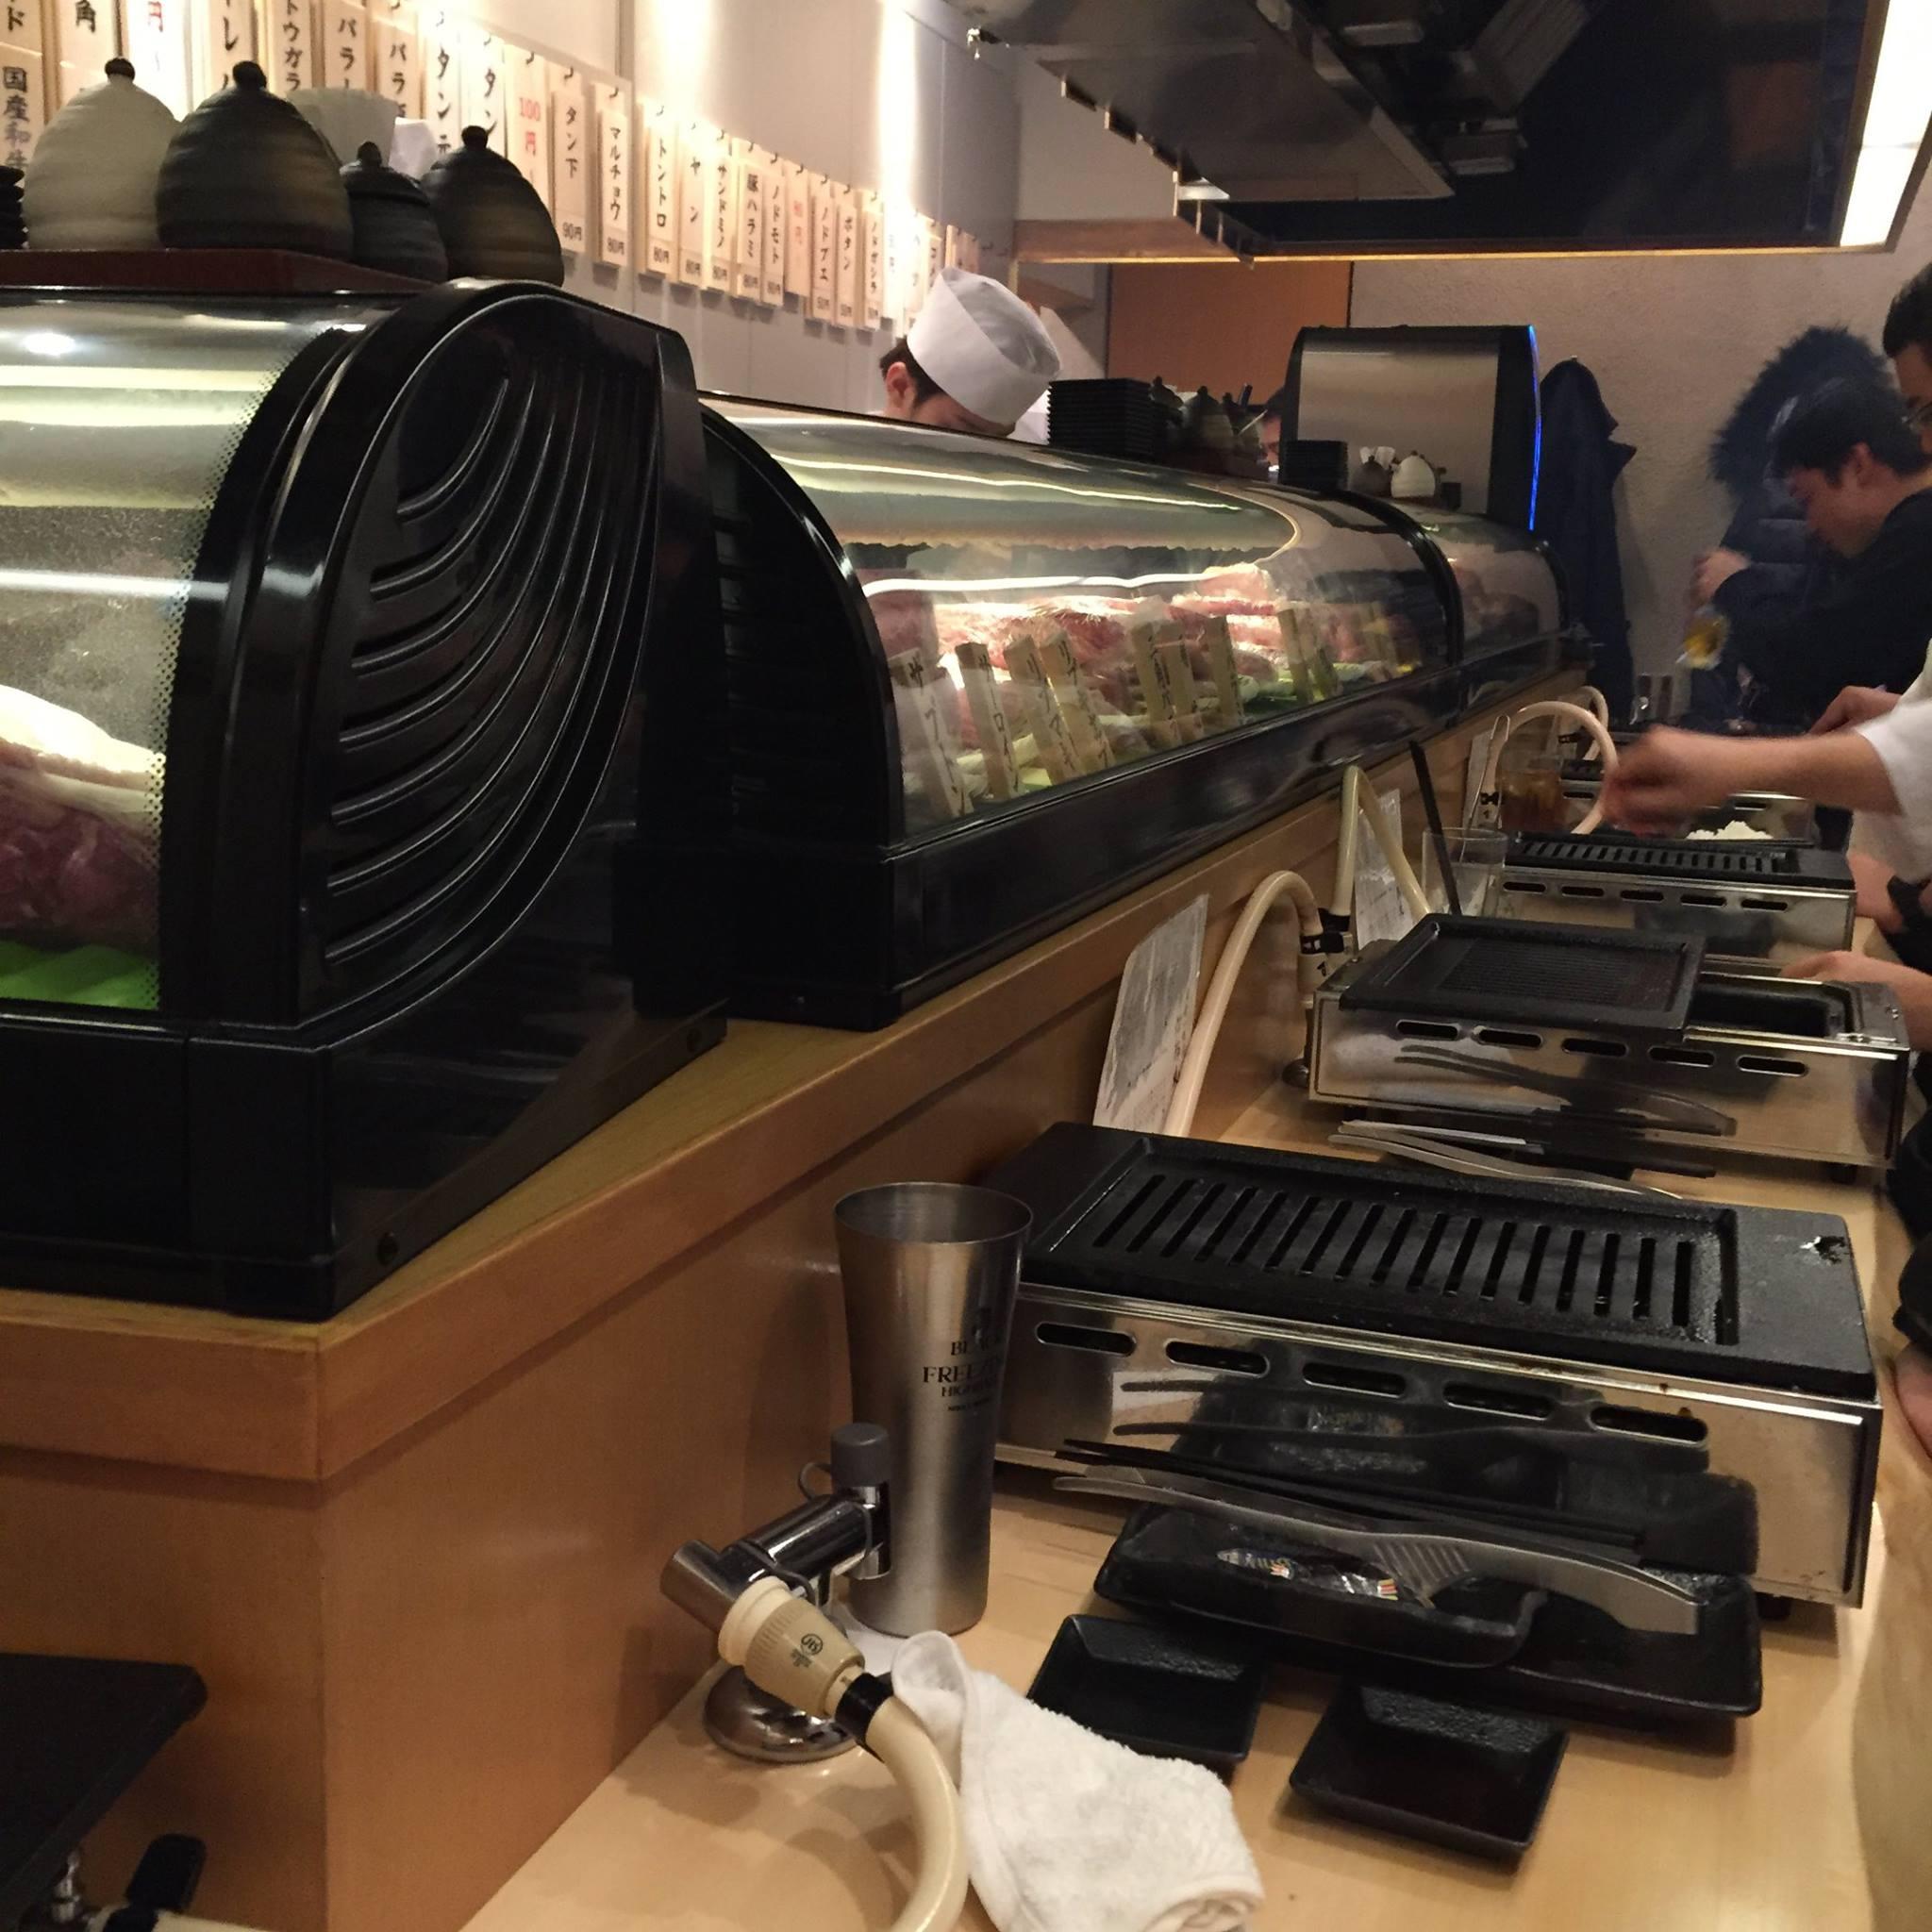 横浜で一人焼肉におすすめのお店7選!一人焼肉専門店やカウンター席がおすすめのお店まとめ